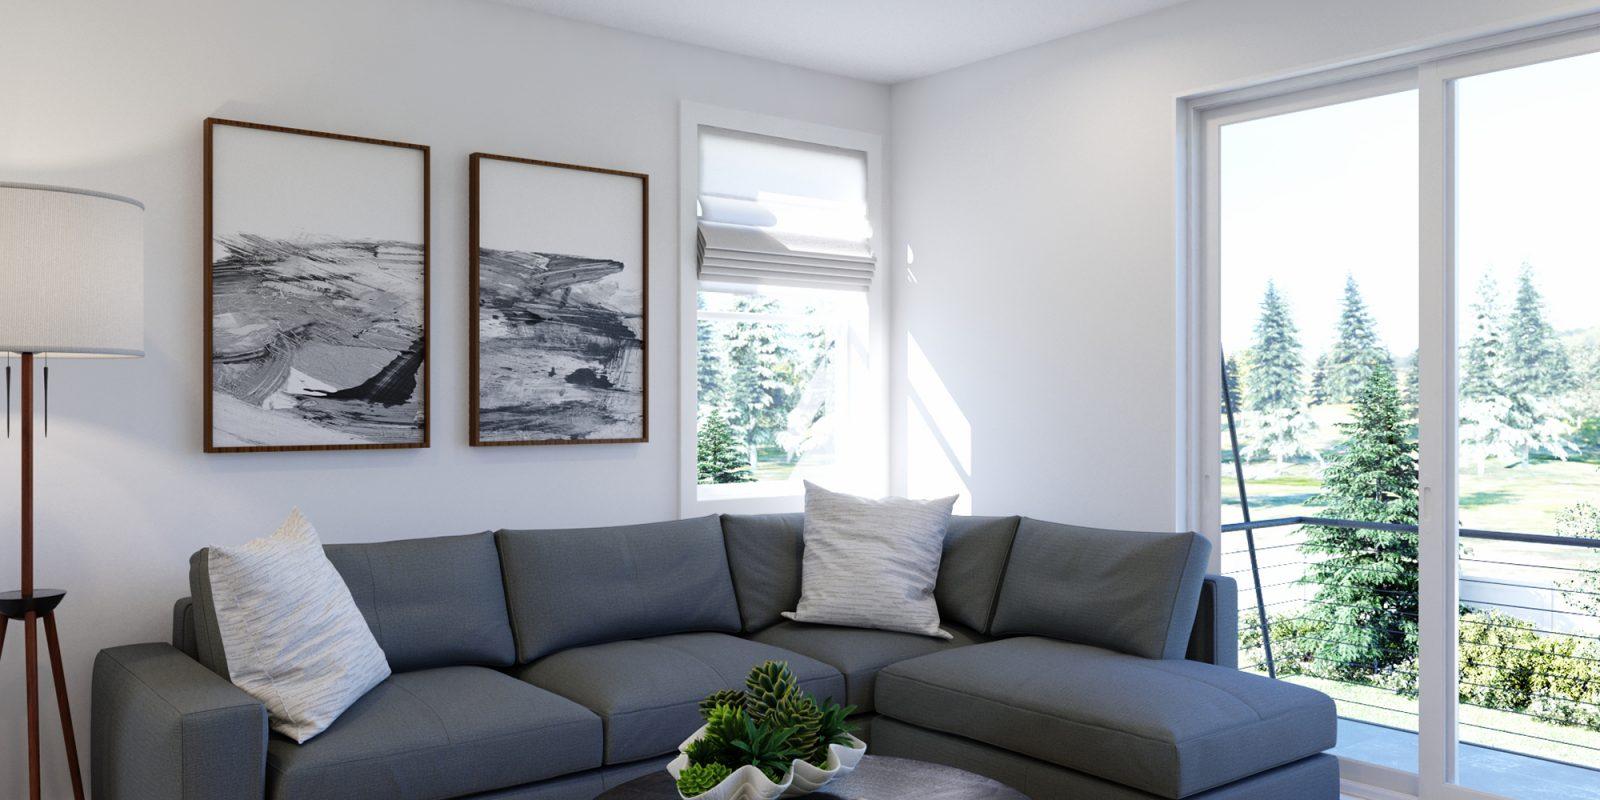 WestRidge DoMore Rows: Oasis - Living Room